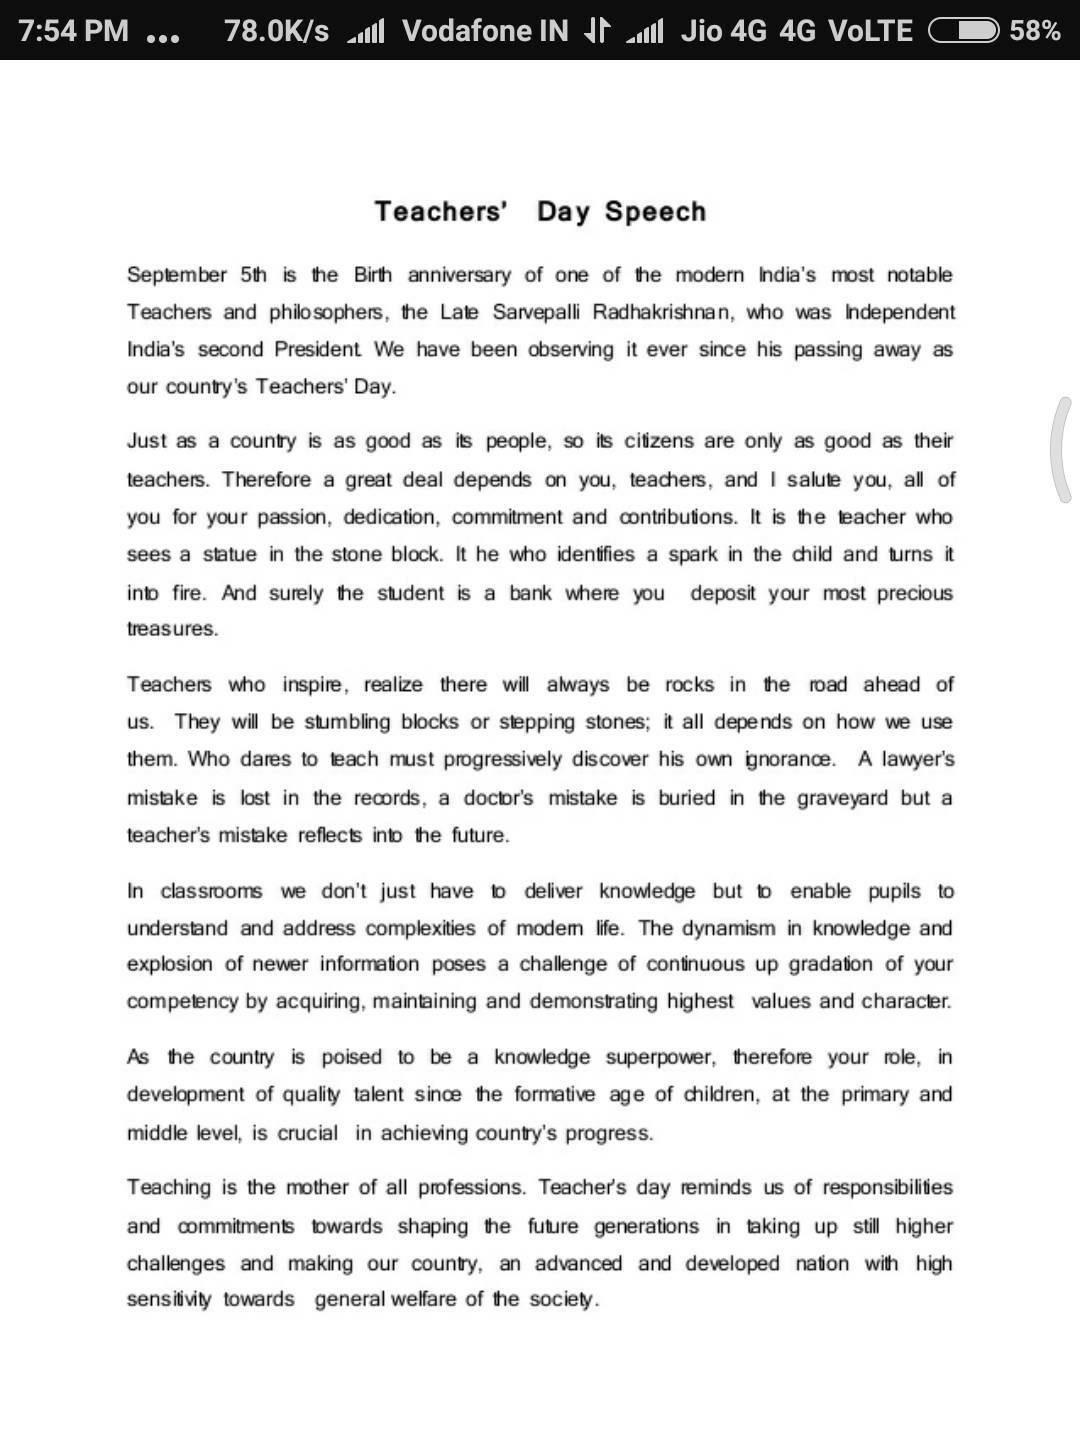 how to write a short speech